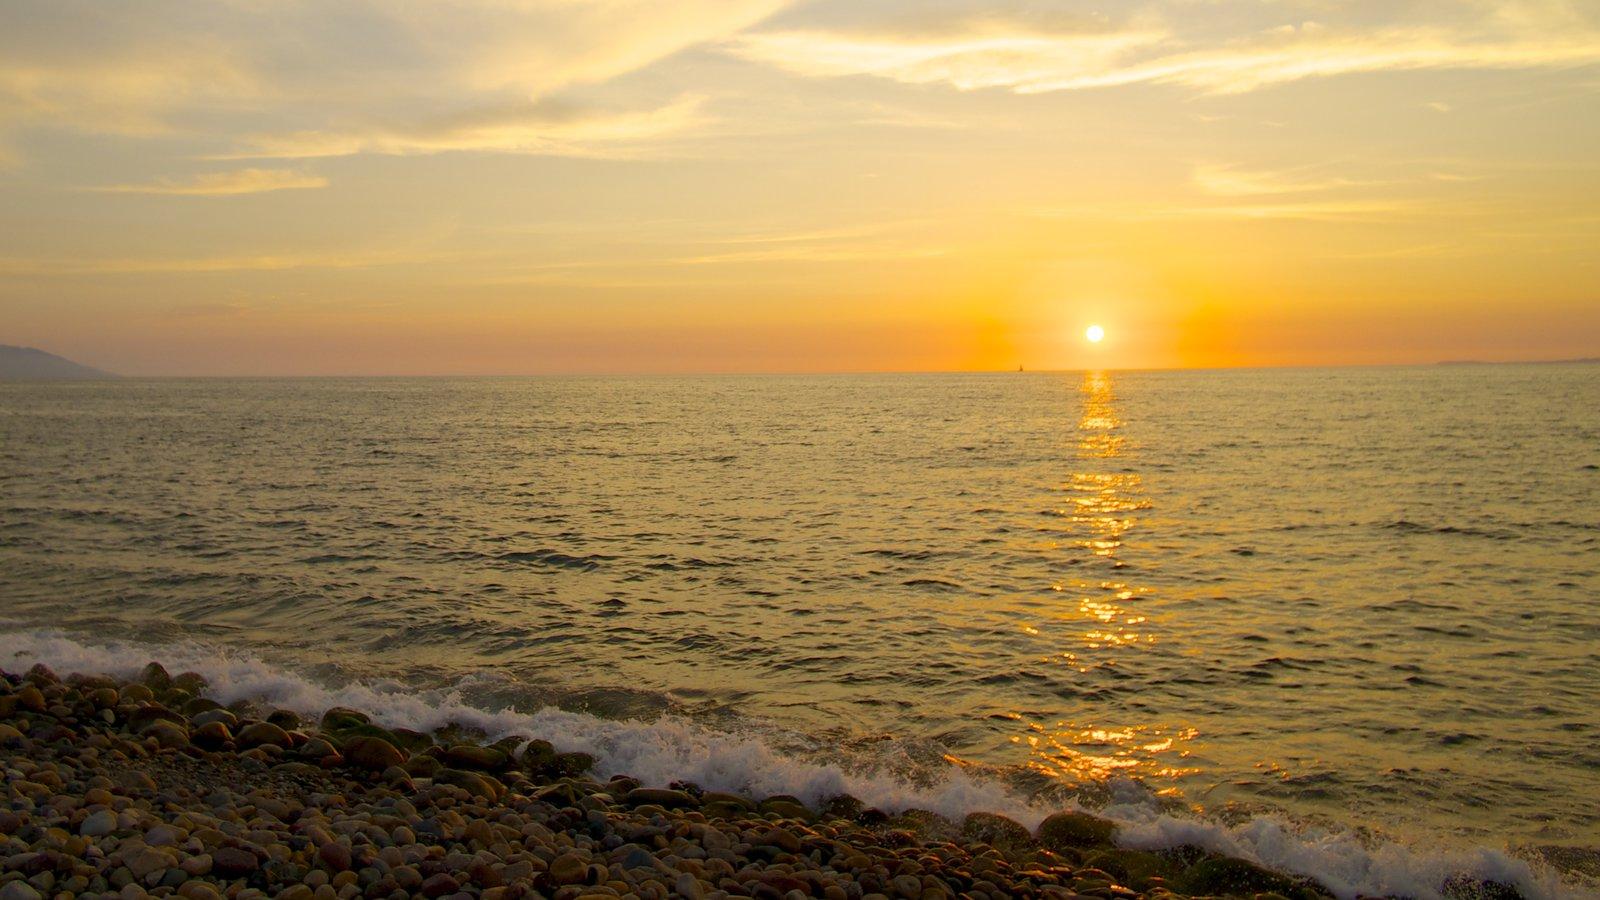 Bahía de Banderas que incluye vistas de paisajes, una puesta de sol y una playa de guijarros